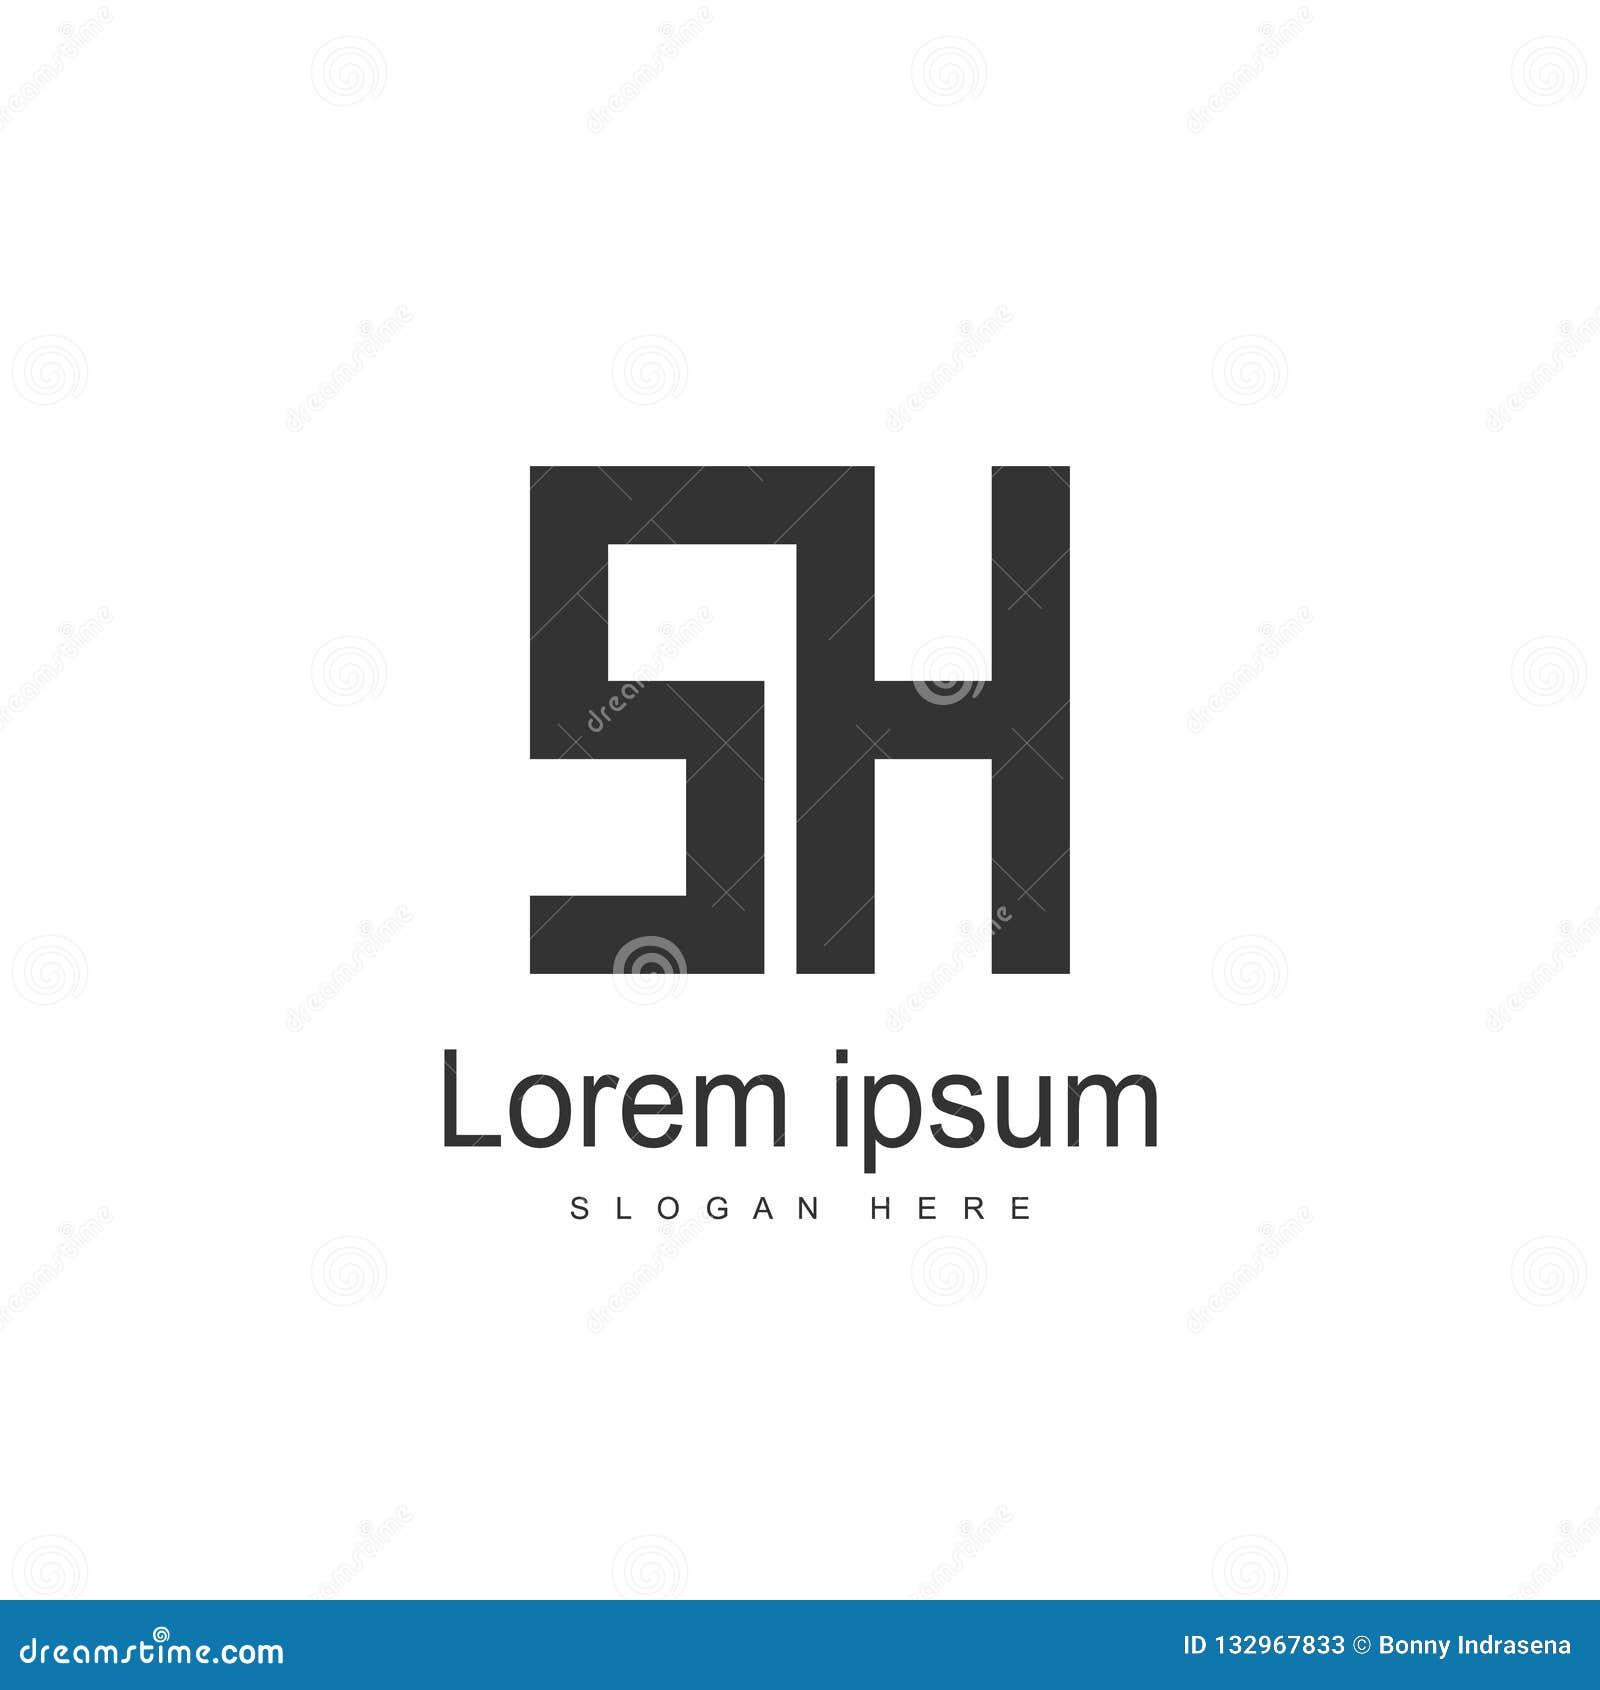 SH Letter logo design. Initial letter logo template